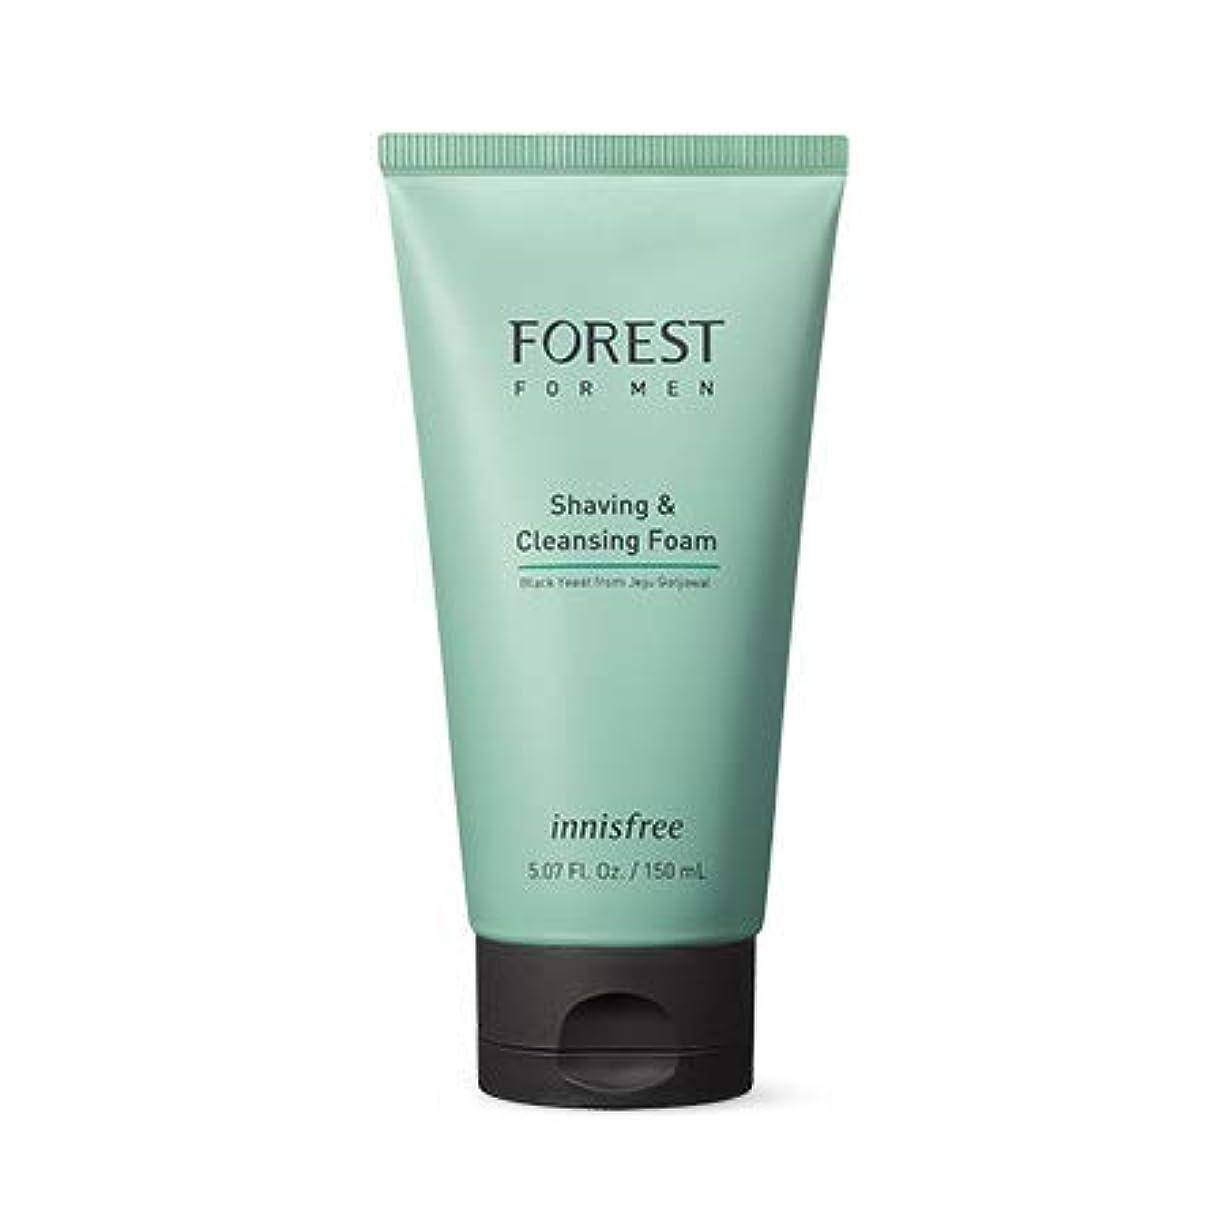 マントブレス寛容な[イニスフリー.innisfree]フォレストフォアマンシェービング&クレンジングフォーム150mL(2019.05新製品)/ Forest for Men Shaving&Cleansing Foam